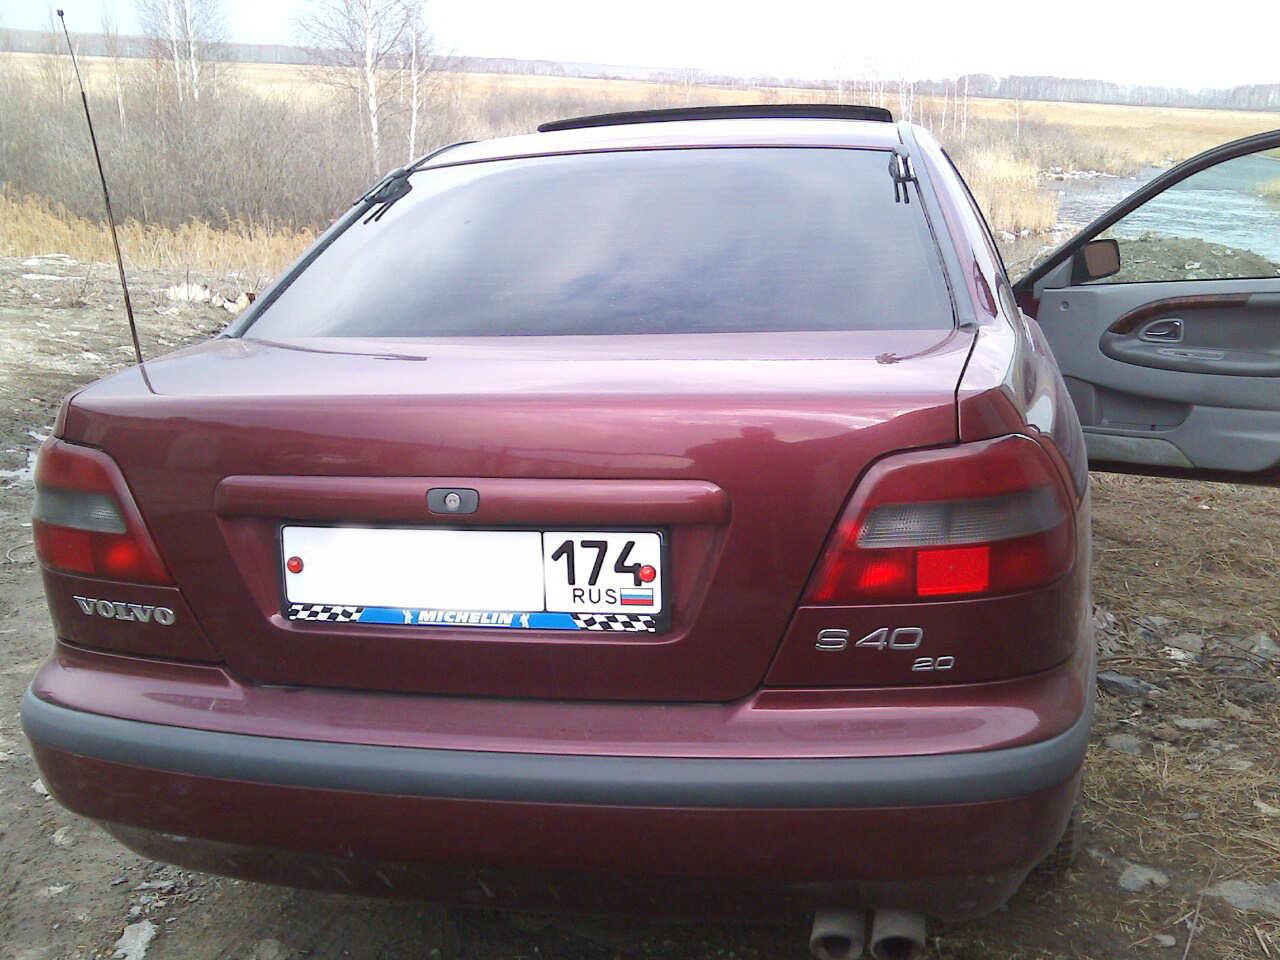 1998 volvo c40 pics 2 0 gasoline ff automatic for sale